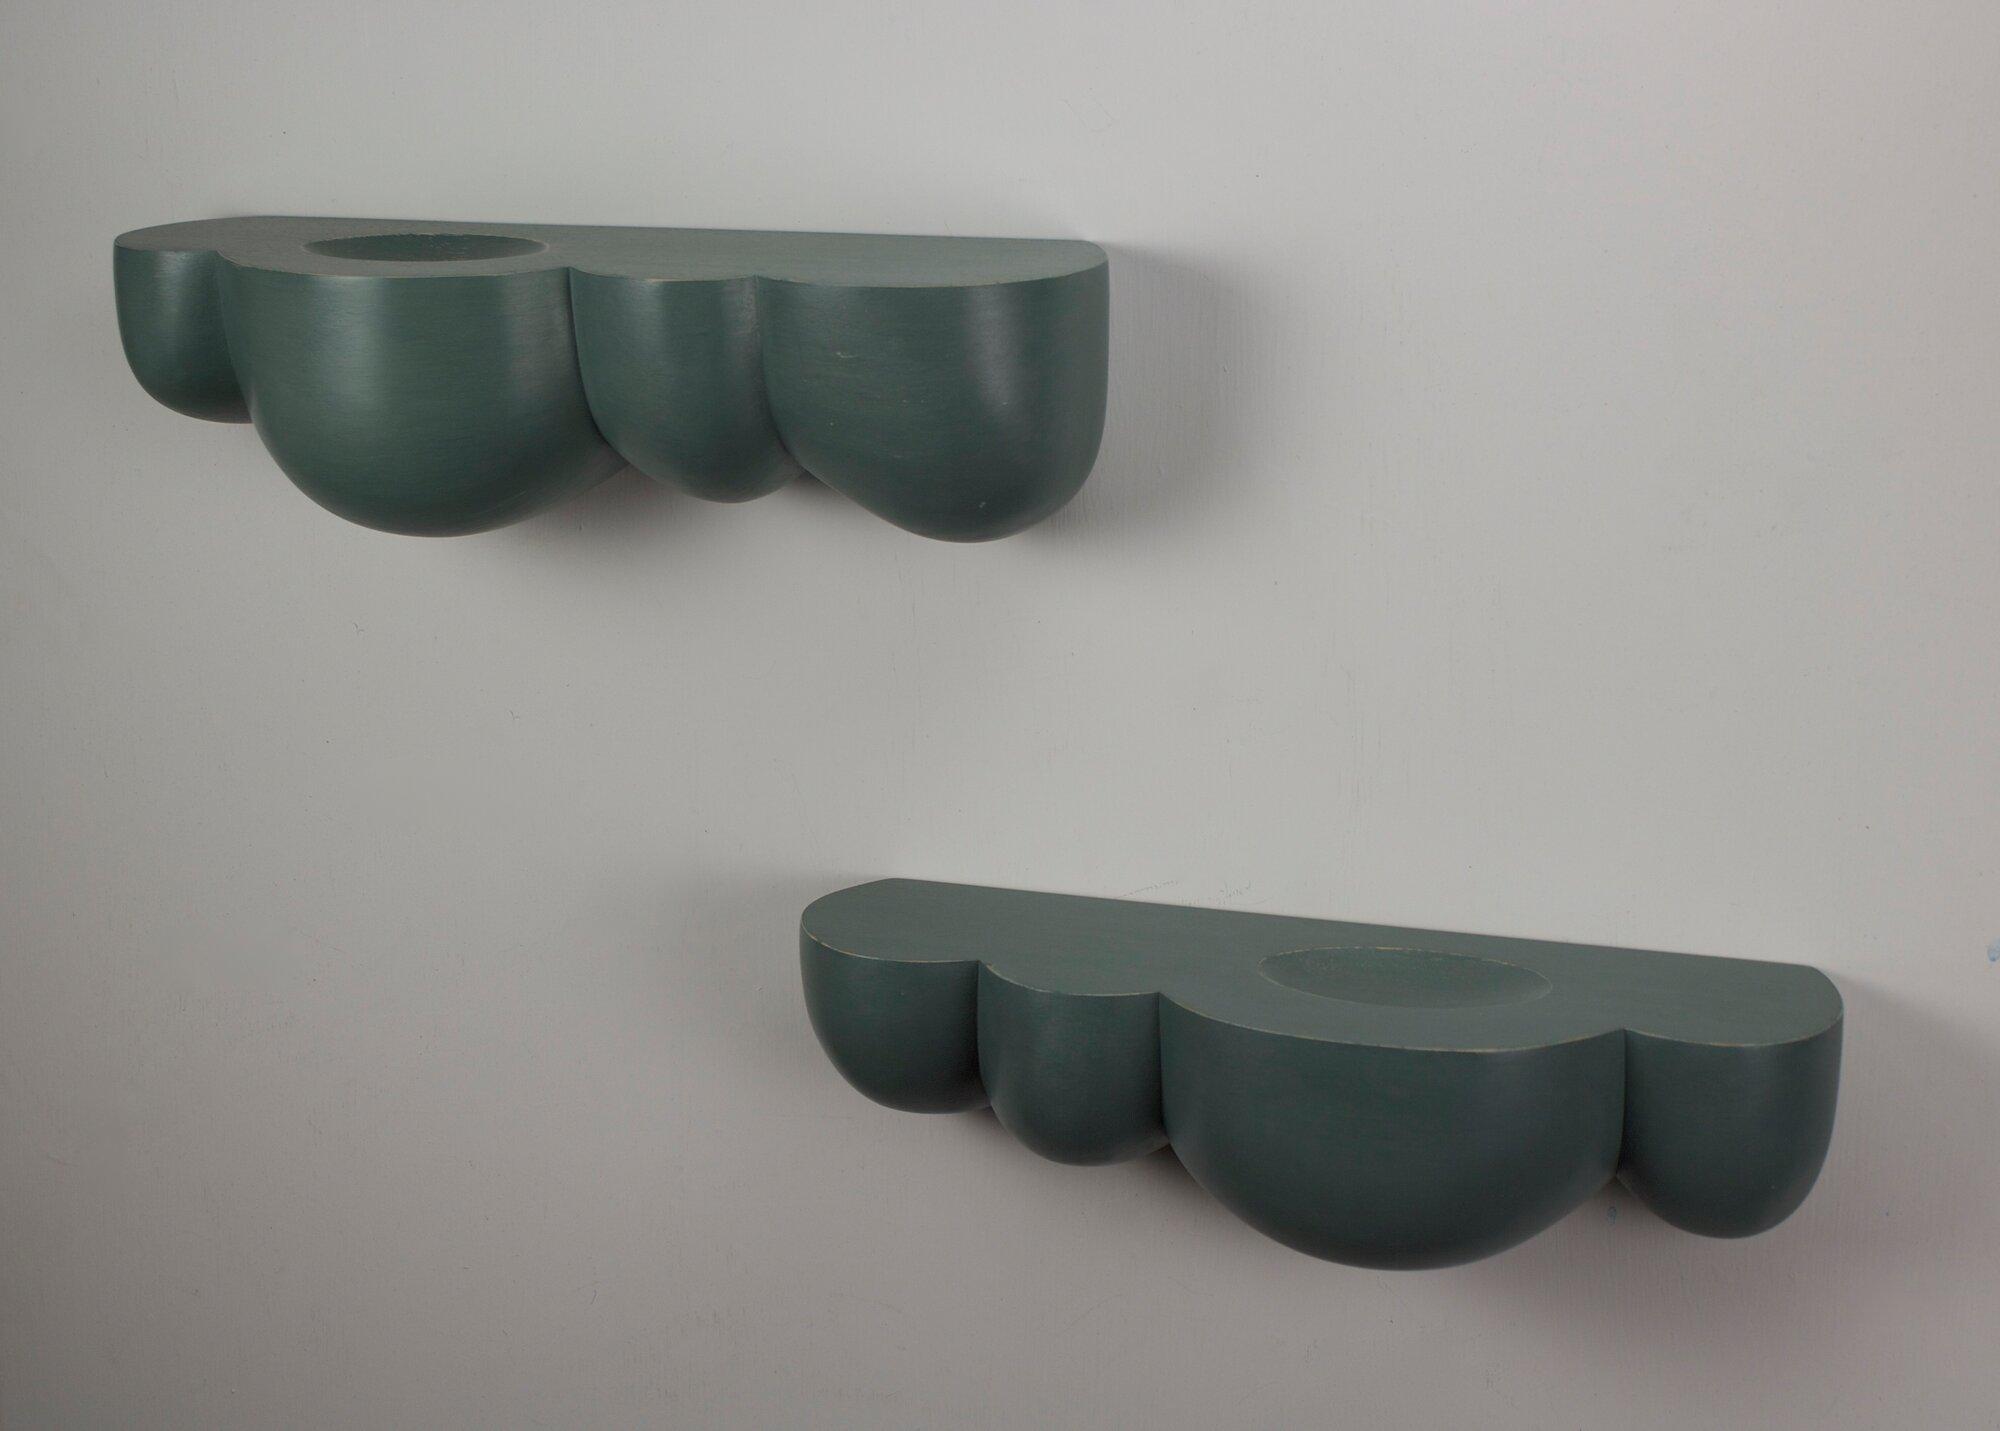 Sea Cloud Shelves